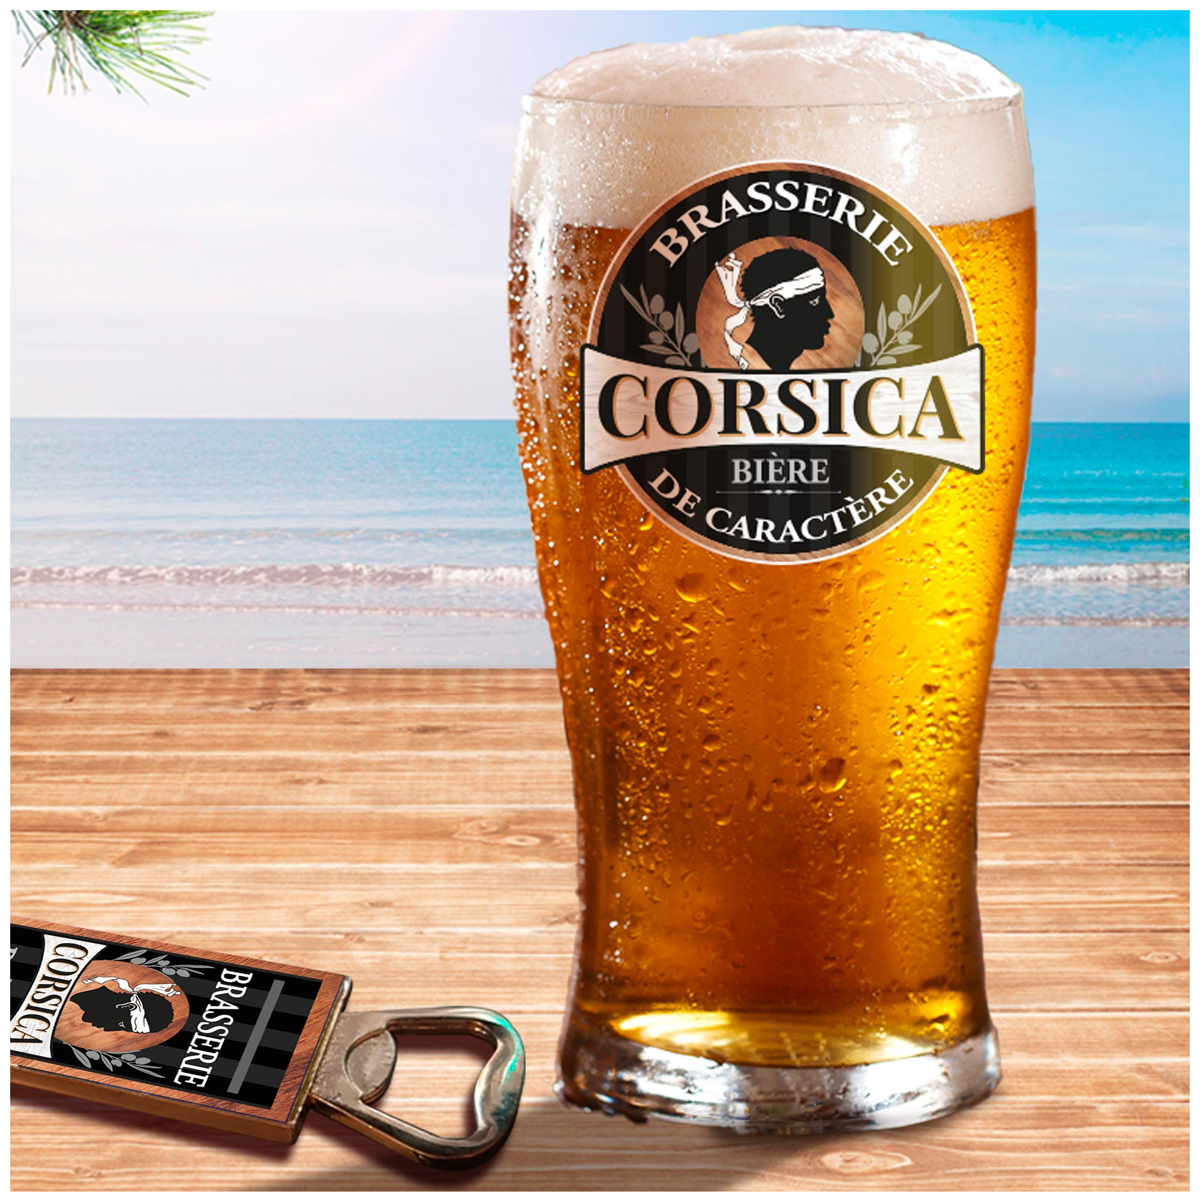 Coffret verre à bière et décapsuleur \'Corsica\' - 19x15x9 cm (Brasserie Corsica, bière de caractère) - [A1261]